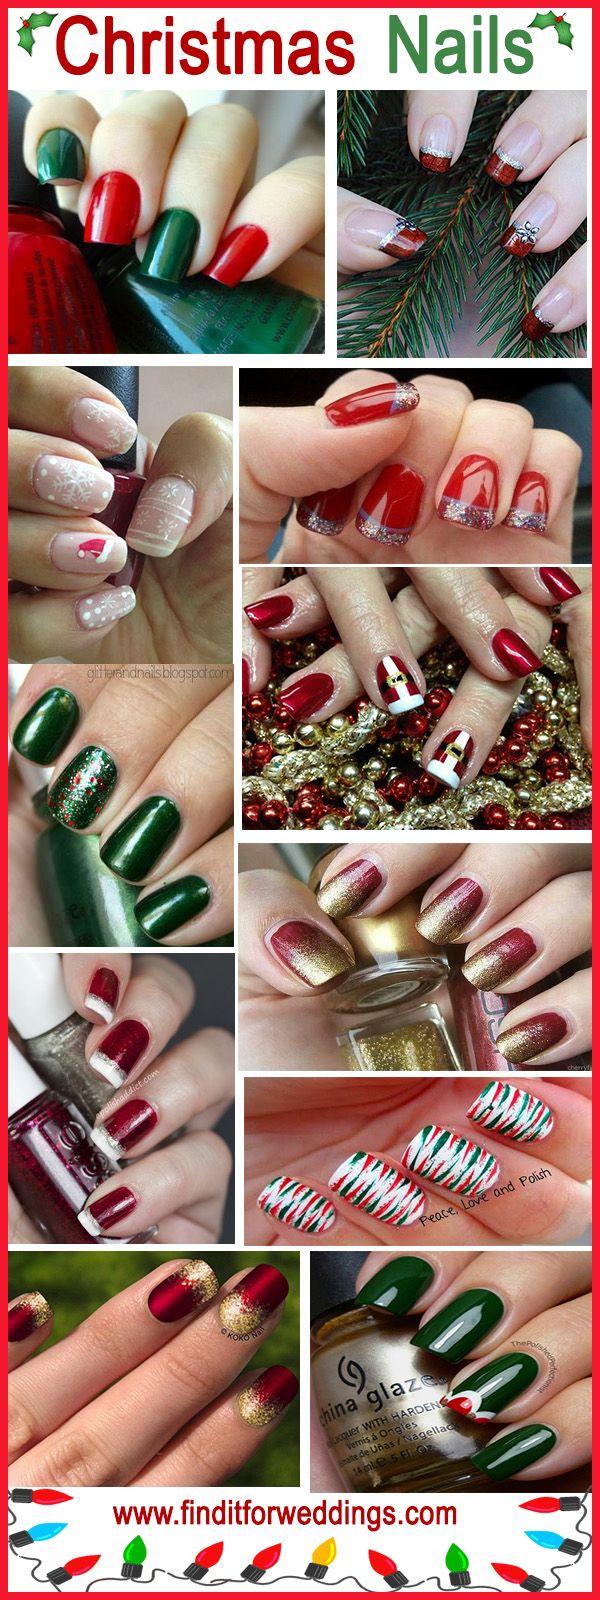 Christmas nail designs Nail www.finditforweddings.com Art Red Green #nails DIY NAIL ART DESIGNS